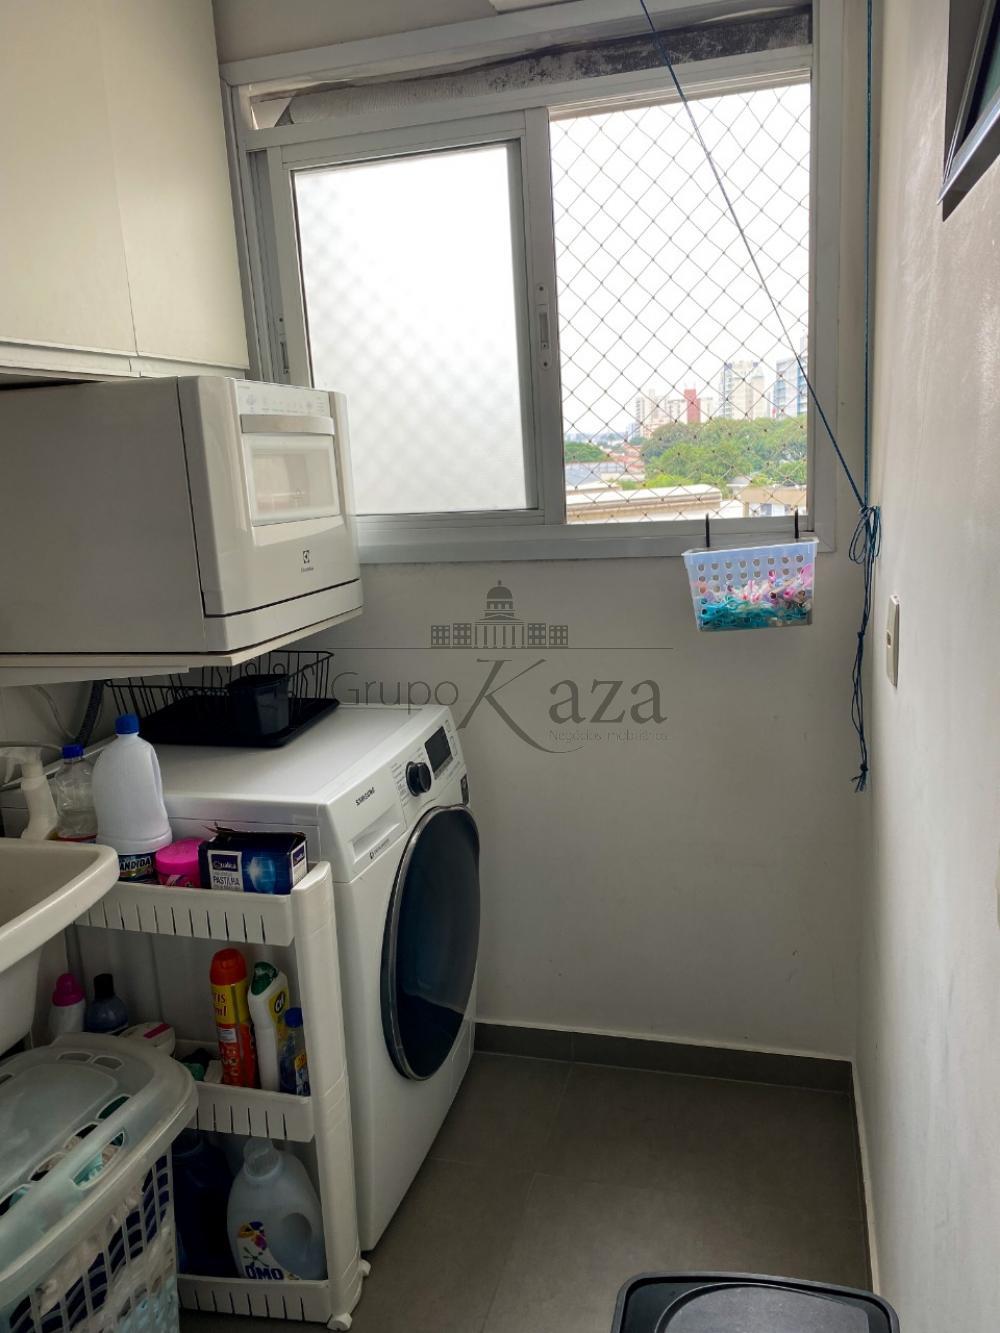 Comprar Apartamento / Padrão em São José dos Campos R$ 650.000,00 - Foto 18